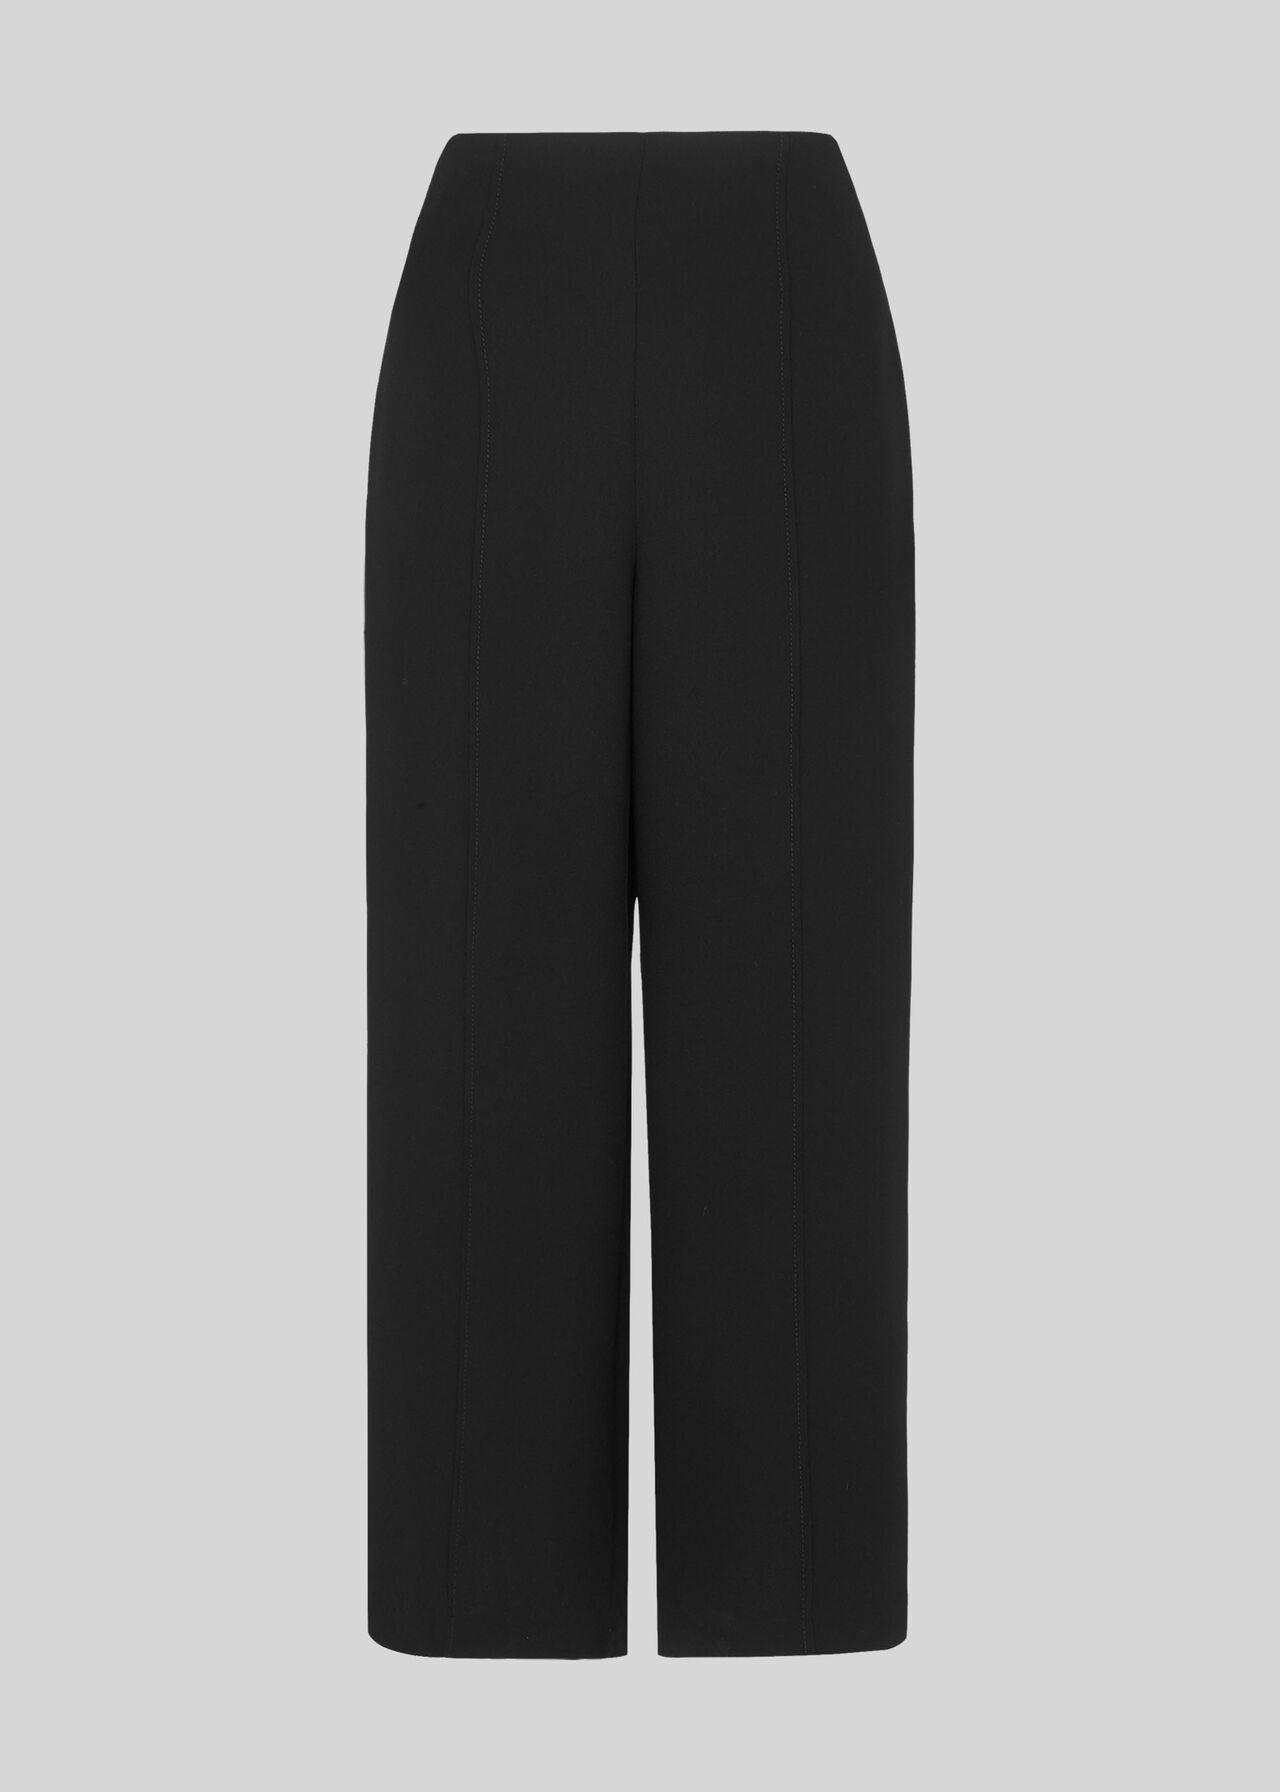 Flat Front Crop Trouser Black